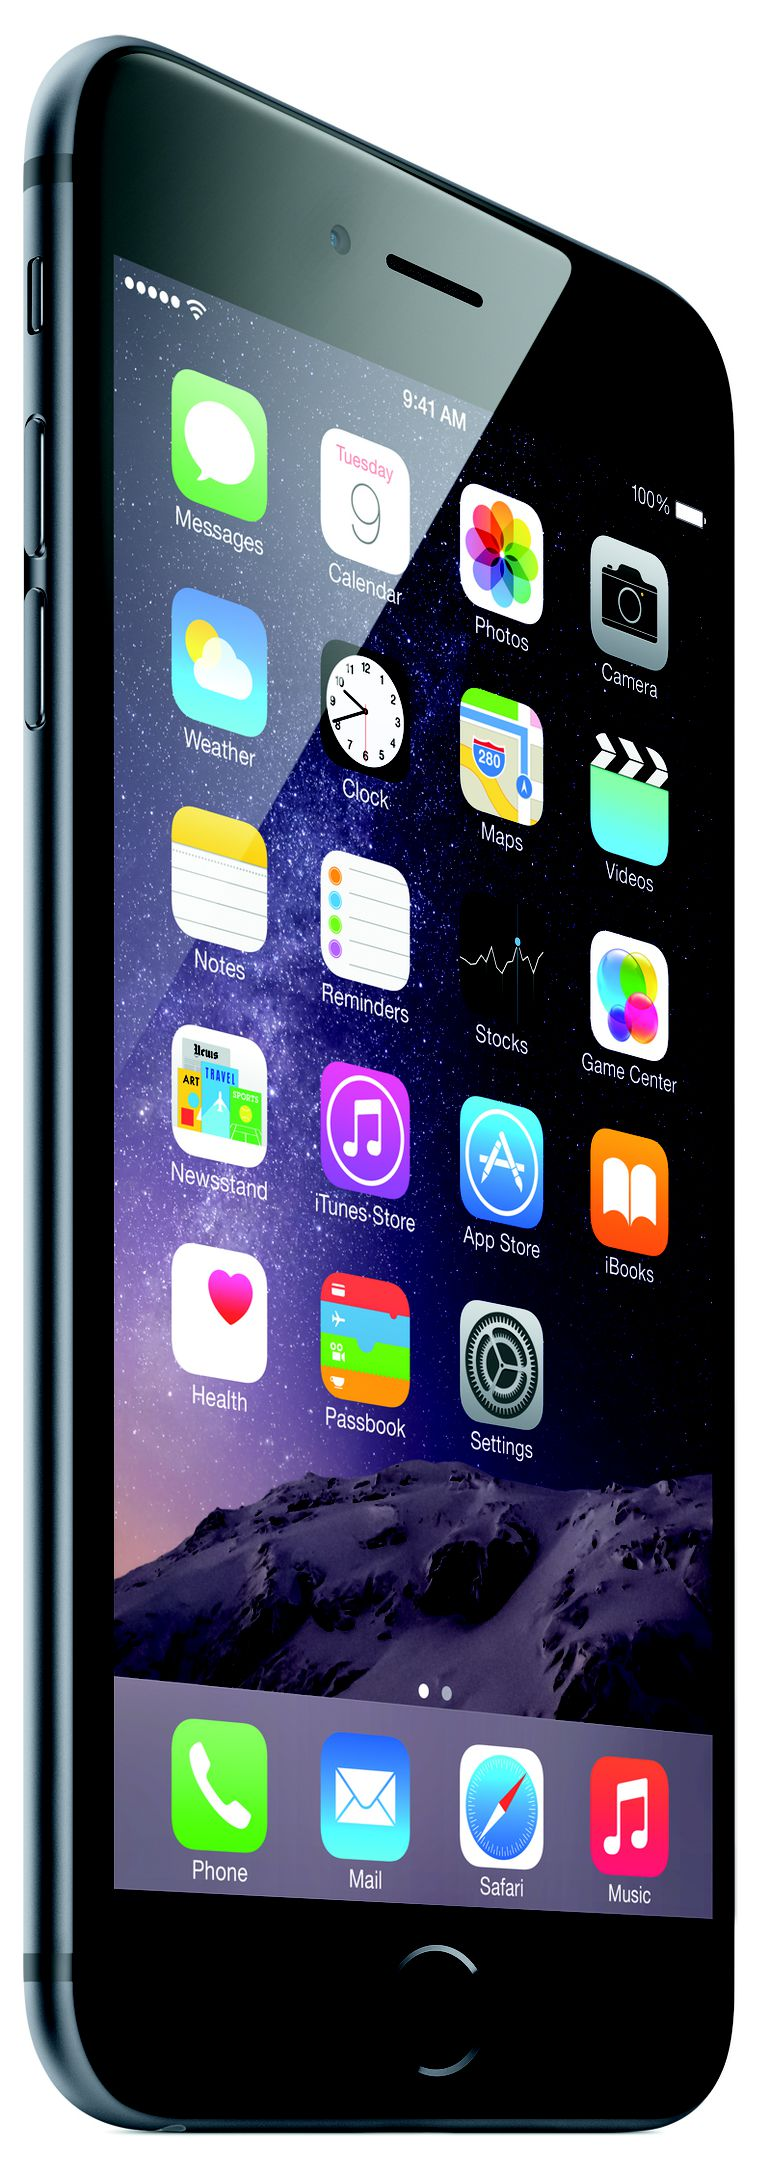 The iPhone 6 Plus